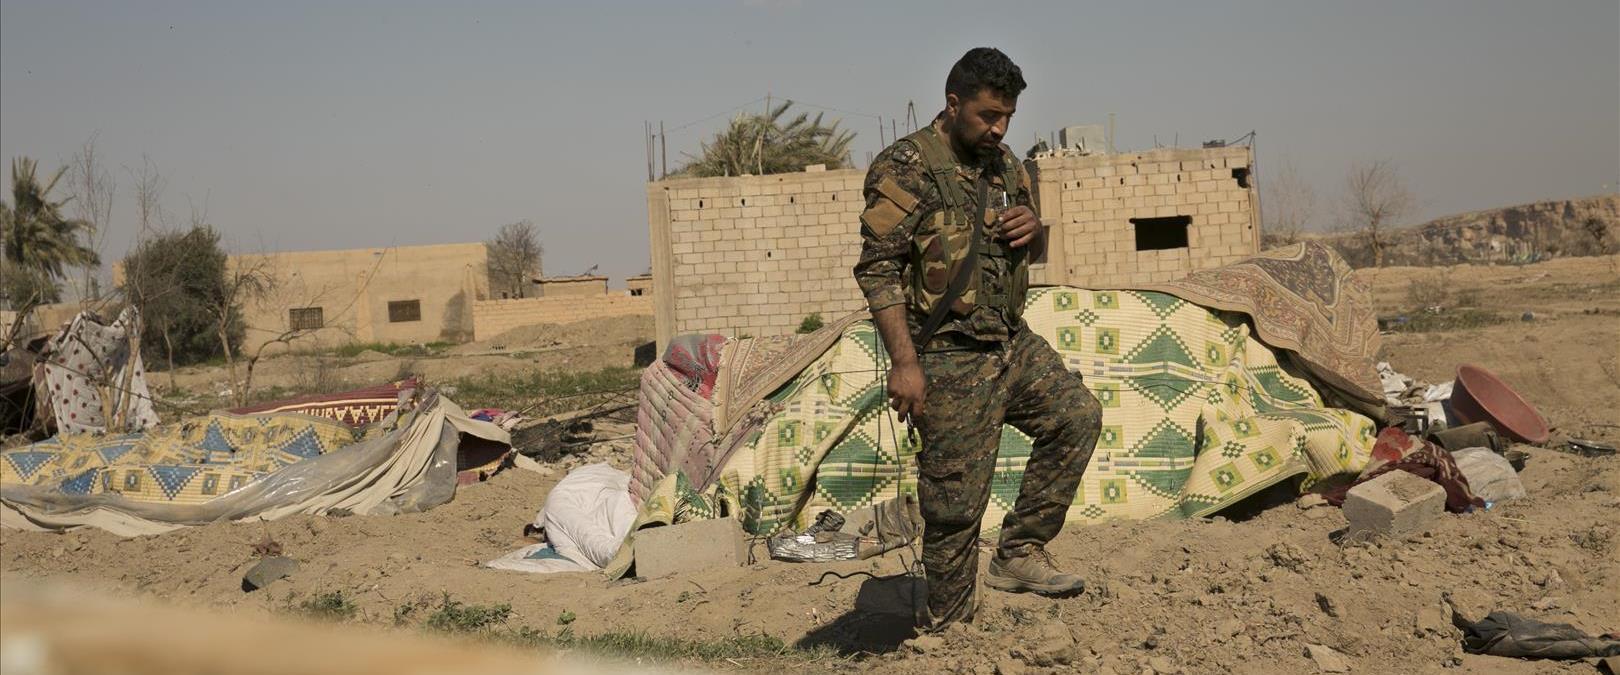 אזורי הקרבות בסוריה